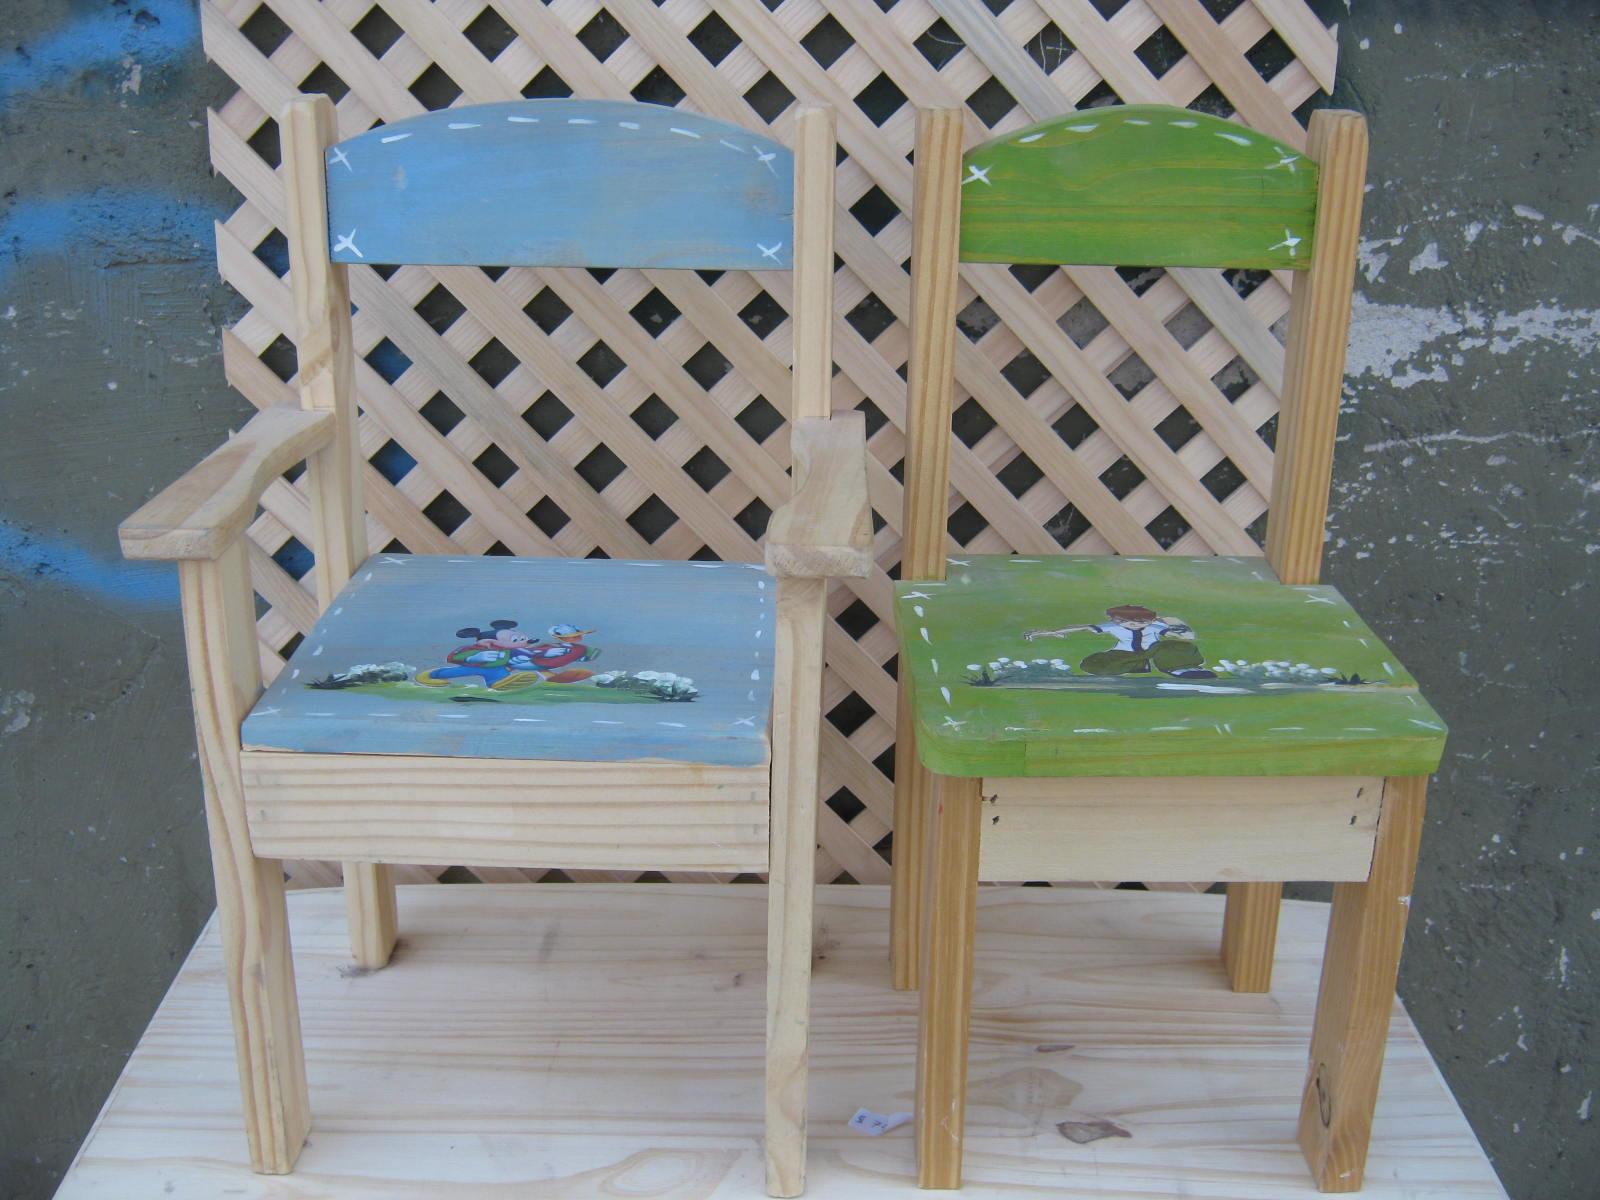 Luisi decoraciones muchos mas muebles para chicos - Muebles para chicos ...